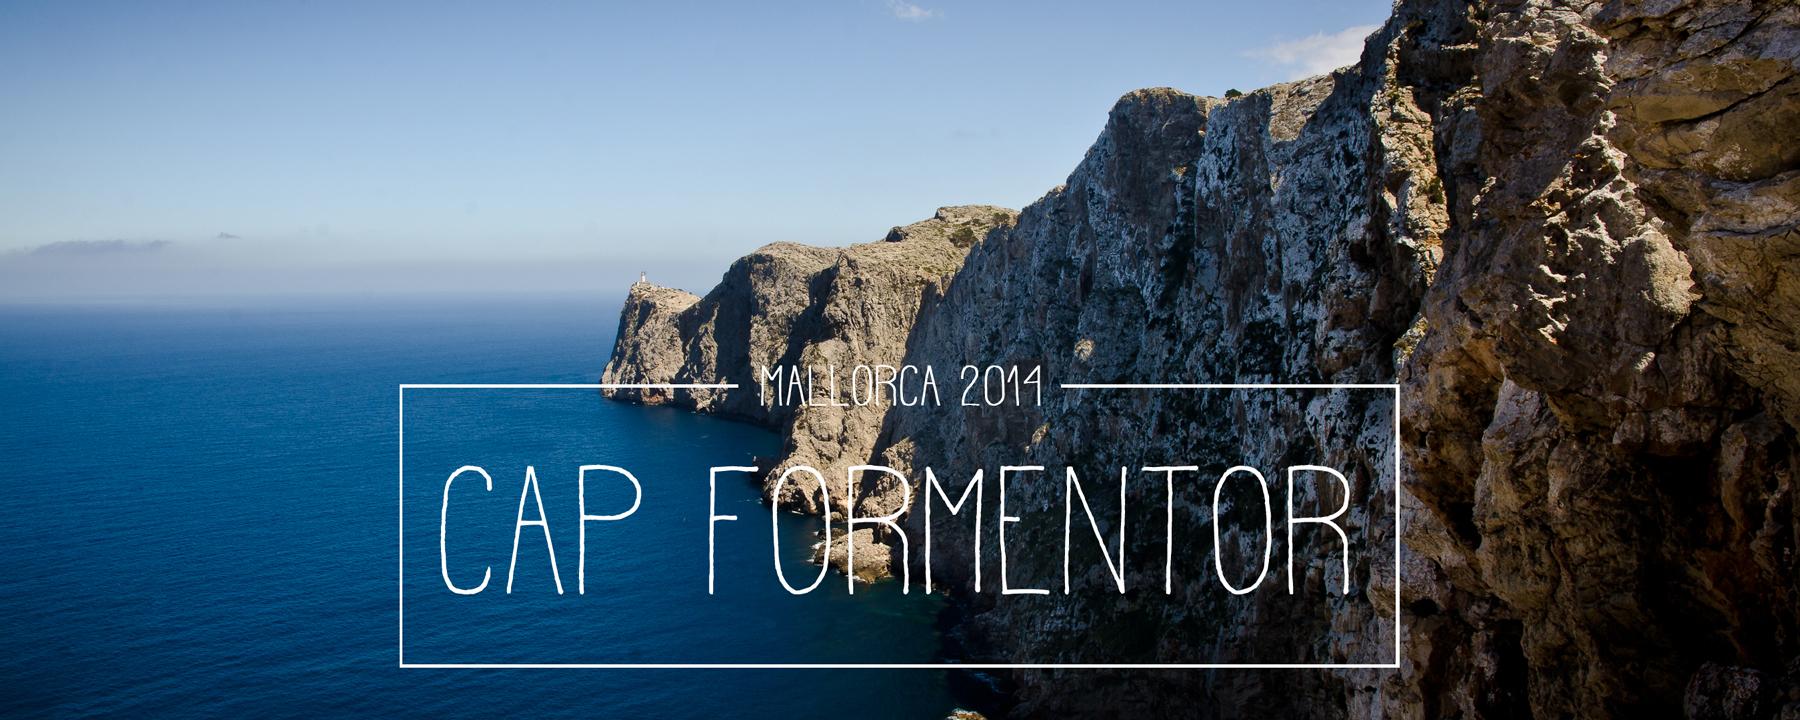 Cap Formentor: Von Leuchttürmen, Aussichten und Serpentinen